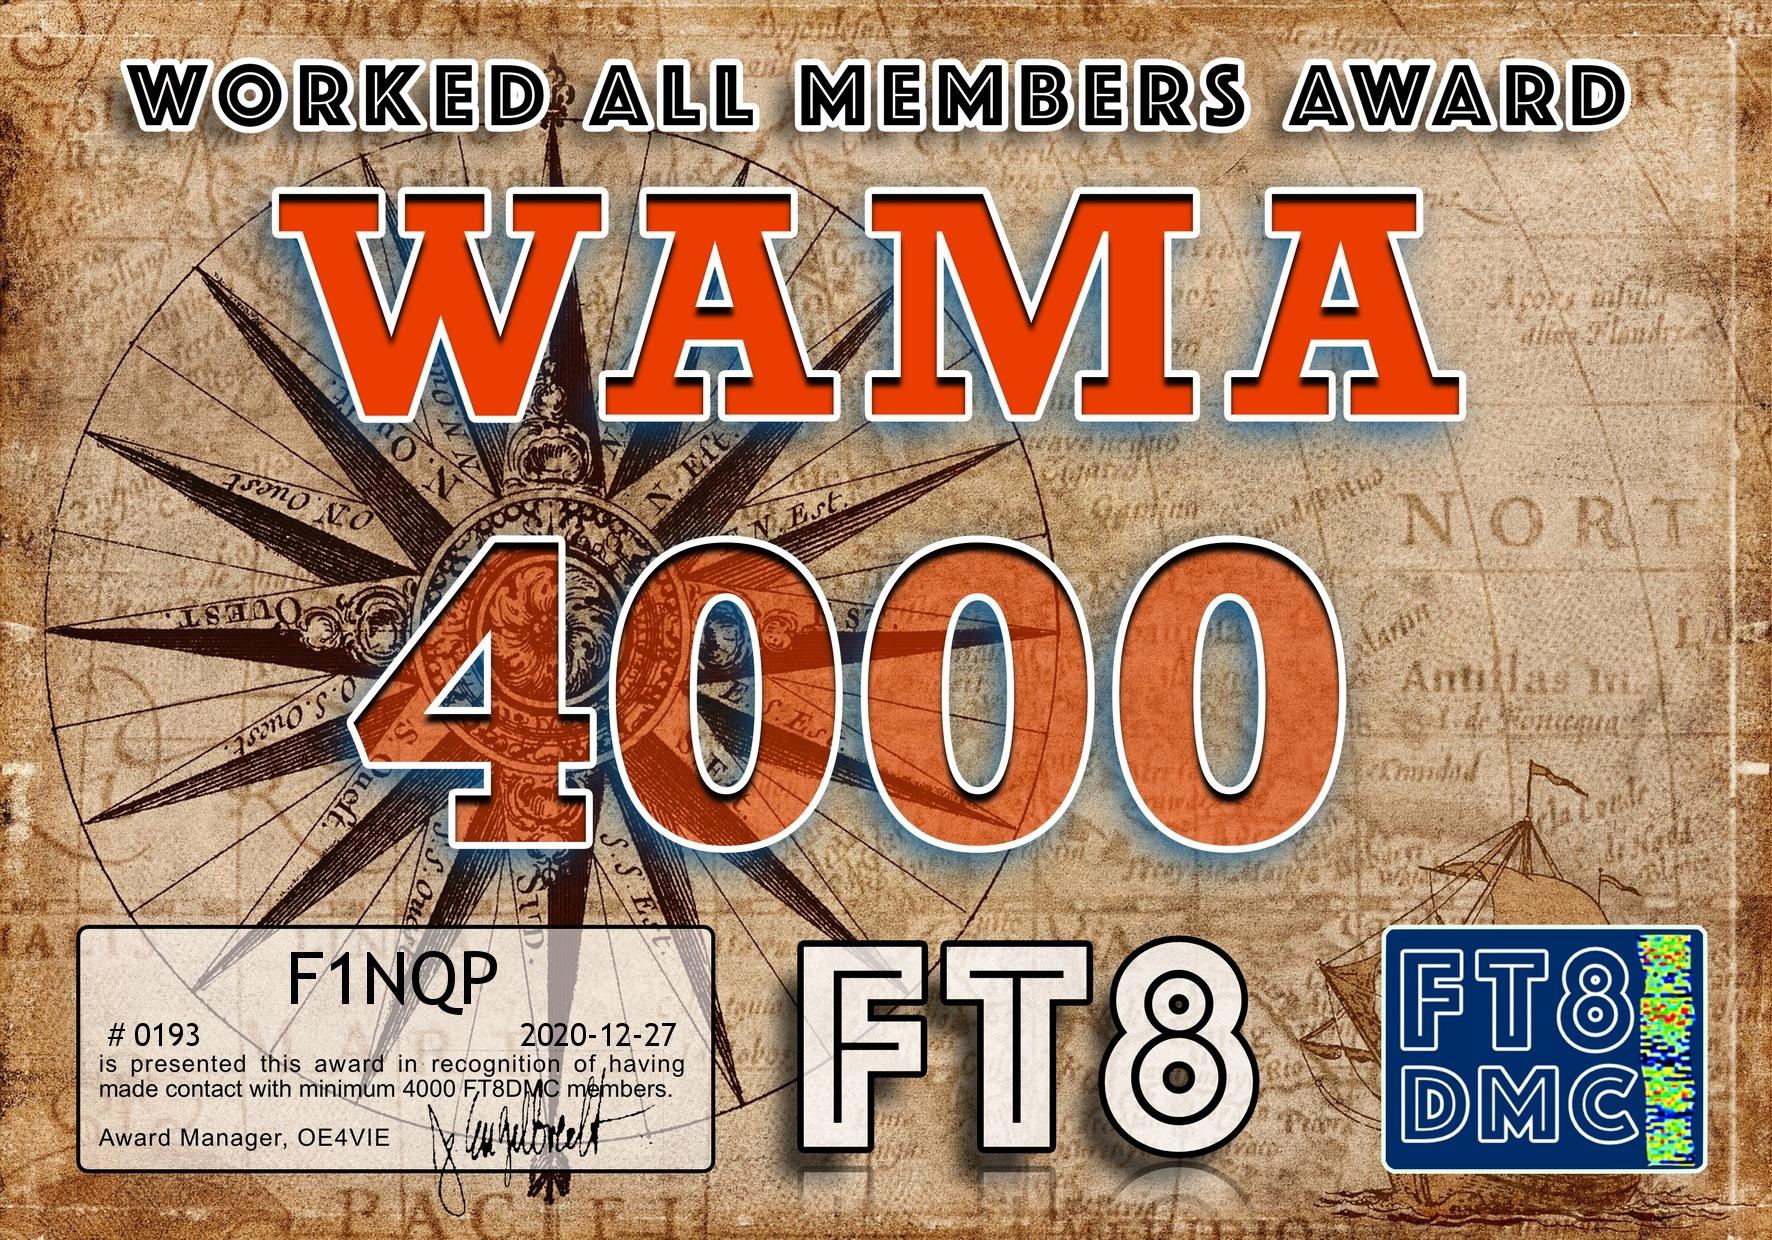 F1NQP-WAMA-4000_FT8DMC.jpg